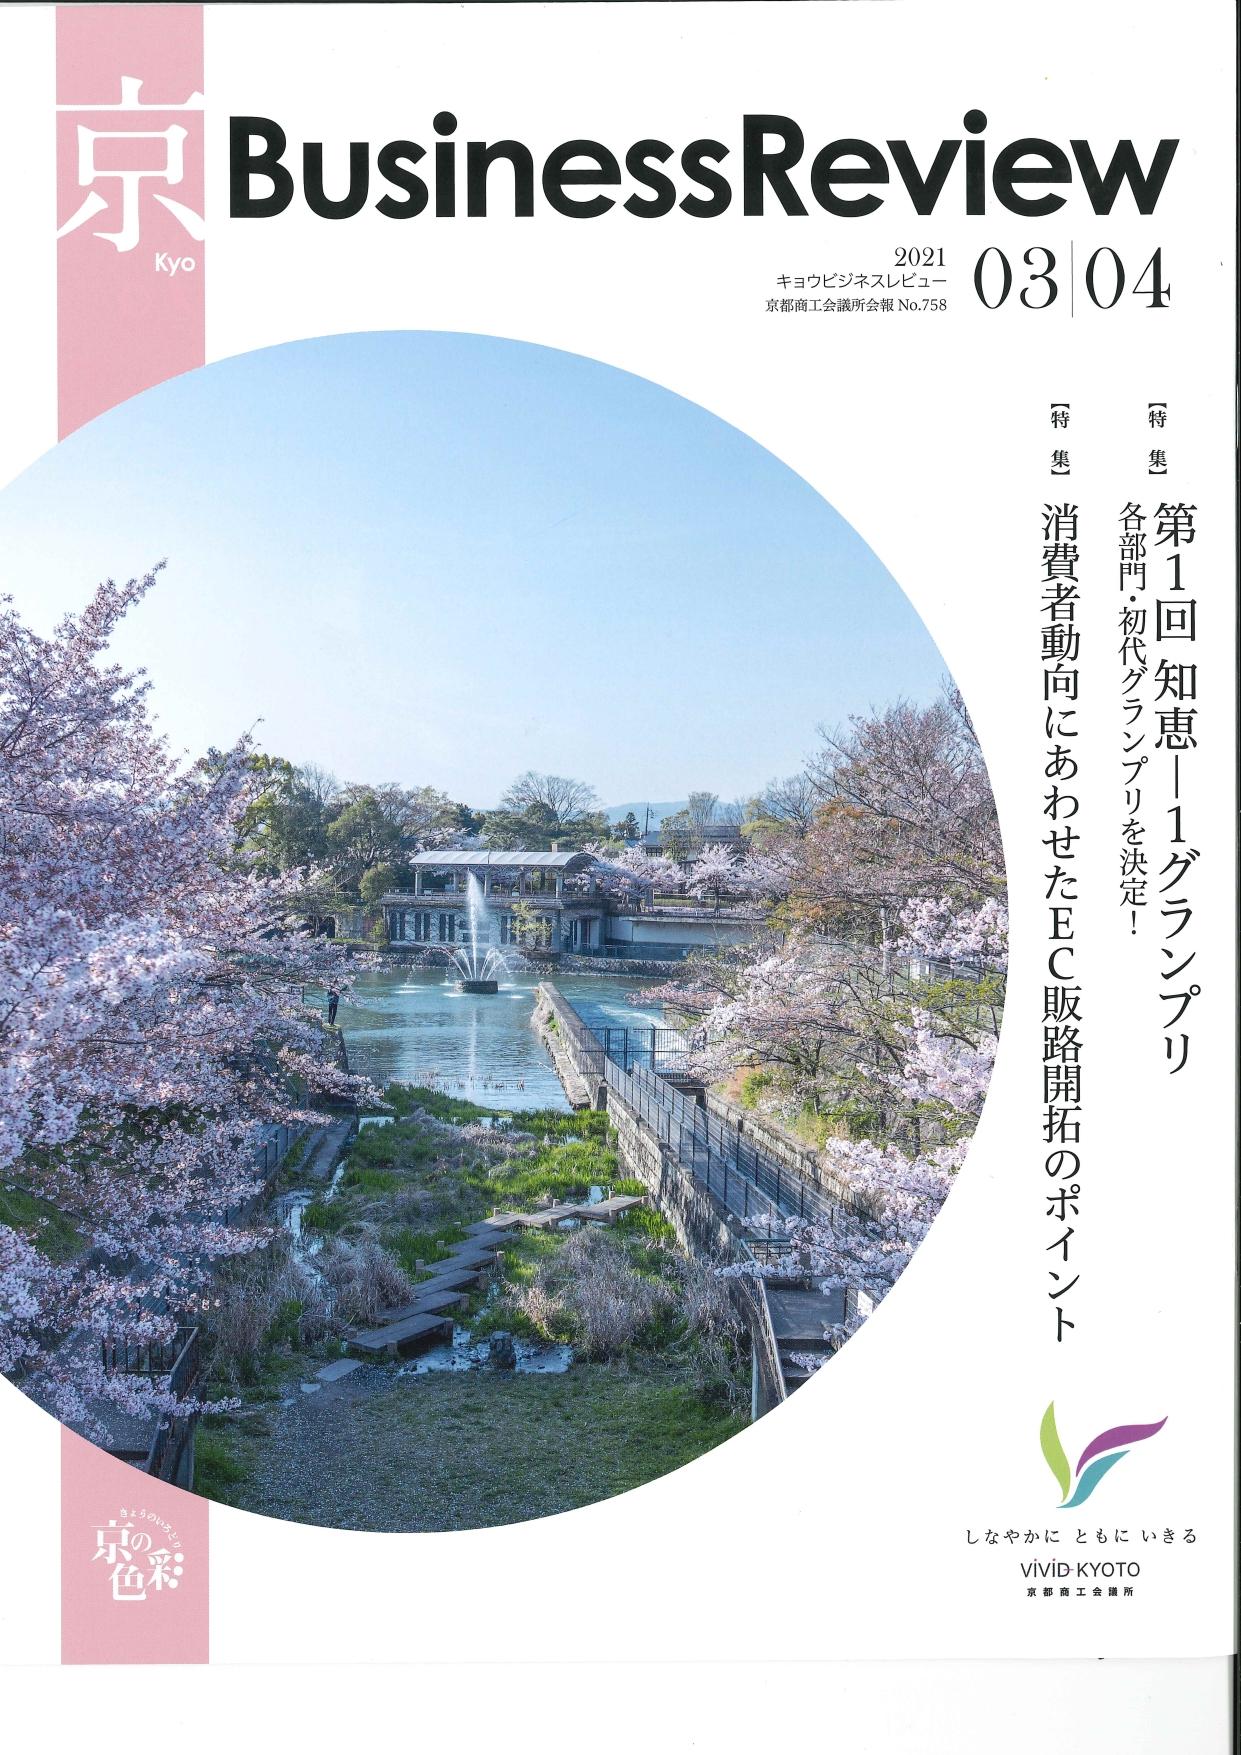 【掲載誌情報】京BusinessReview3-4月号に掲載されました。